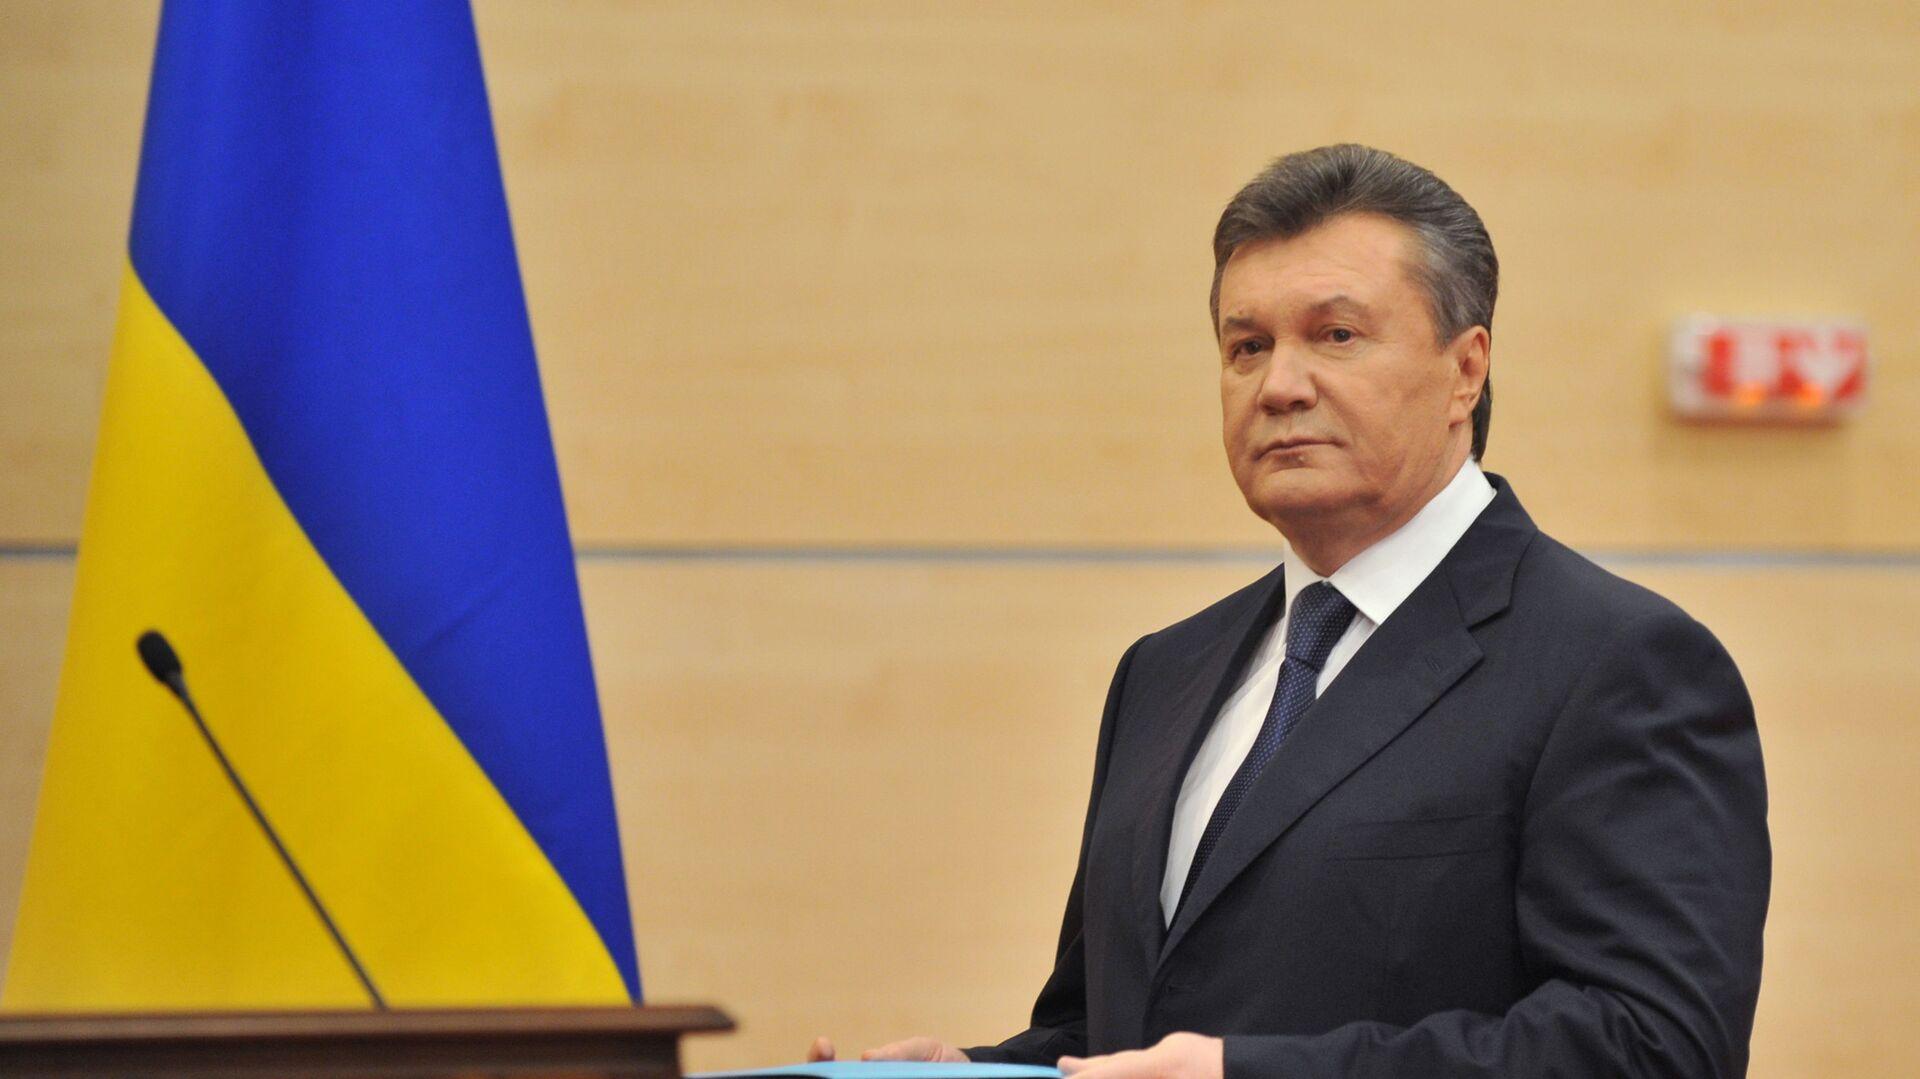 Byvalý prezident Ukrajiny Viktor Janukovič - Sputnik Česká republika, 1920, 17.08.2021